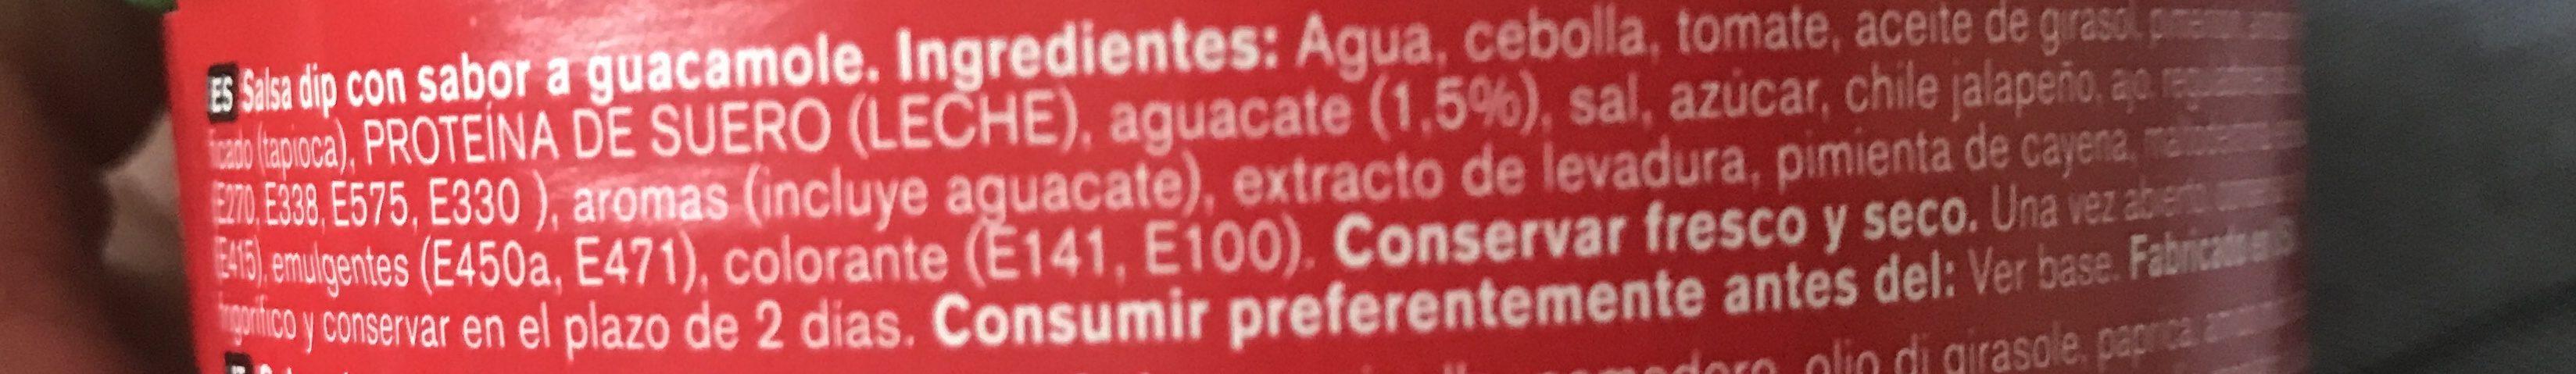 Salsa guacamole envase 250 g - Ingredients